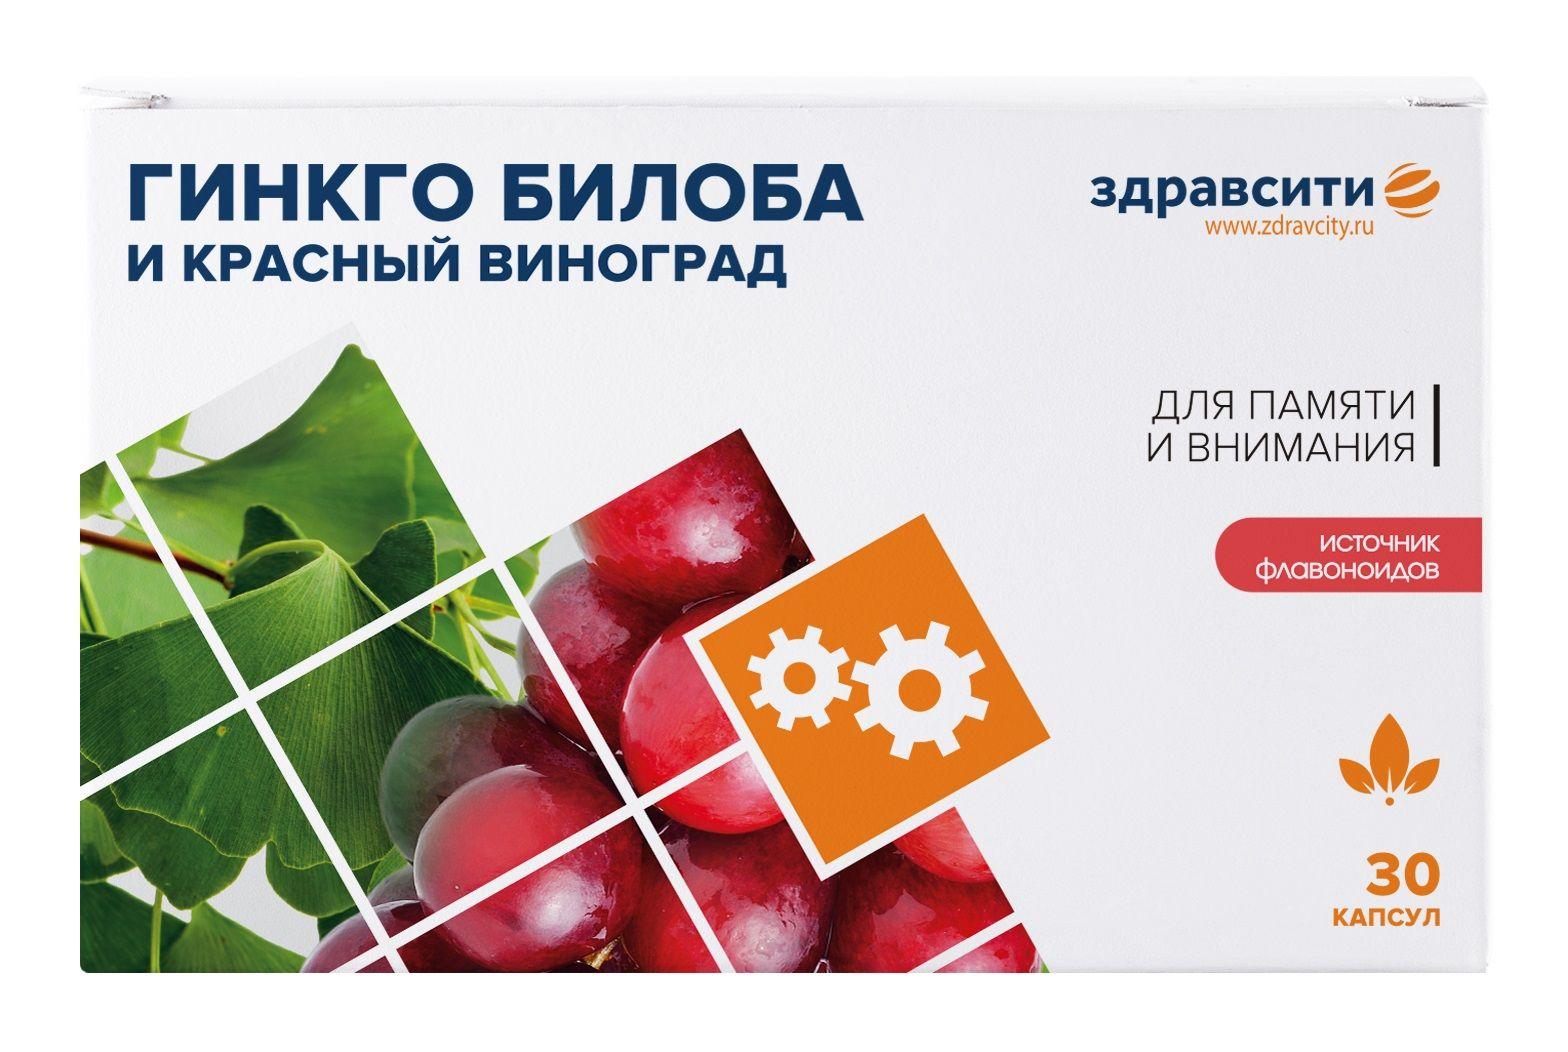 фото упаковки Здравсити Комплекс экстрактов листьев красного винограда и гинкго билоба